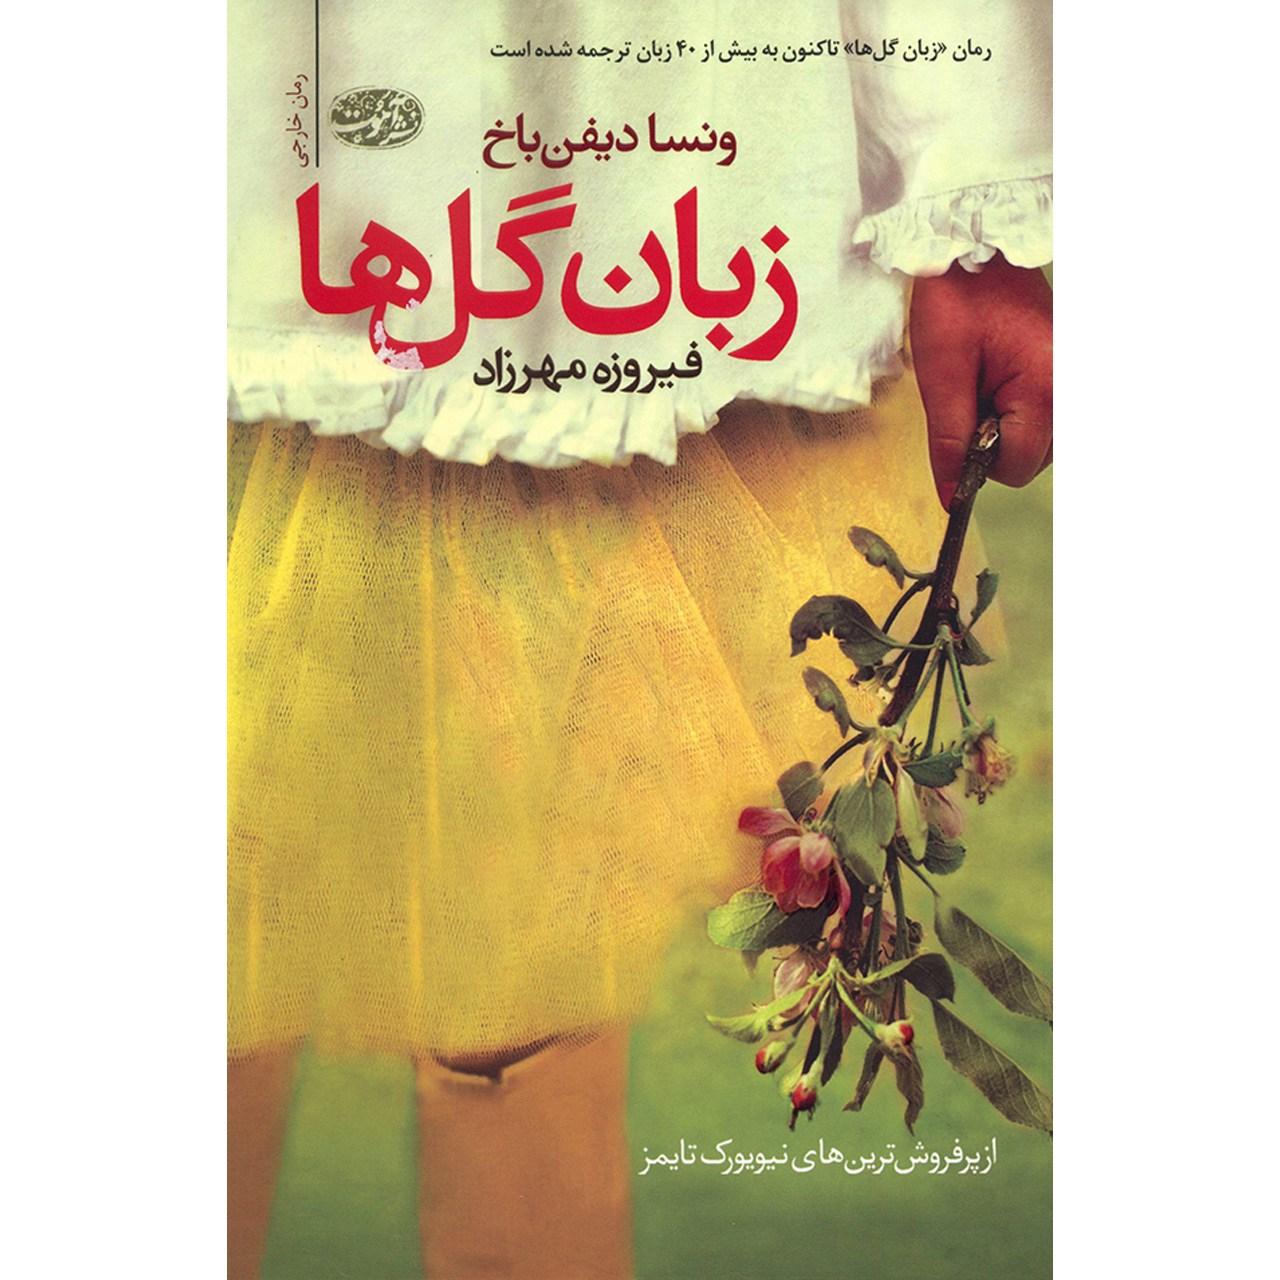 کتاب زبان گل ها اثر ونسا دیفن باخ